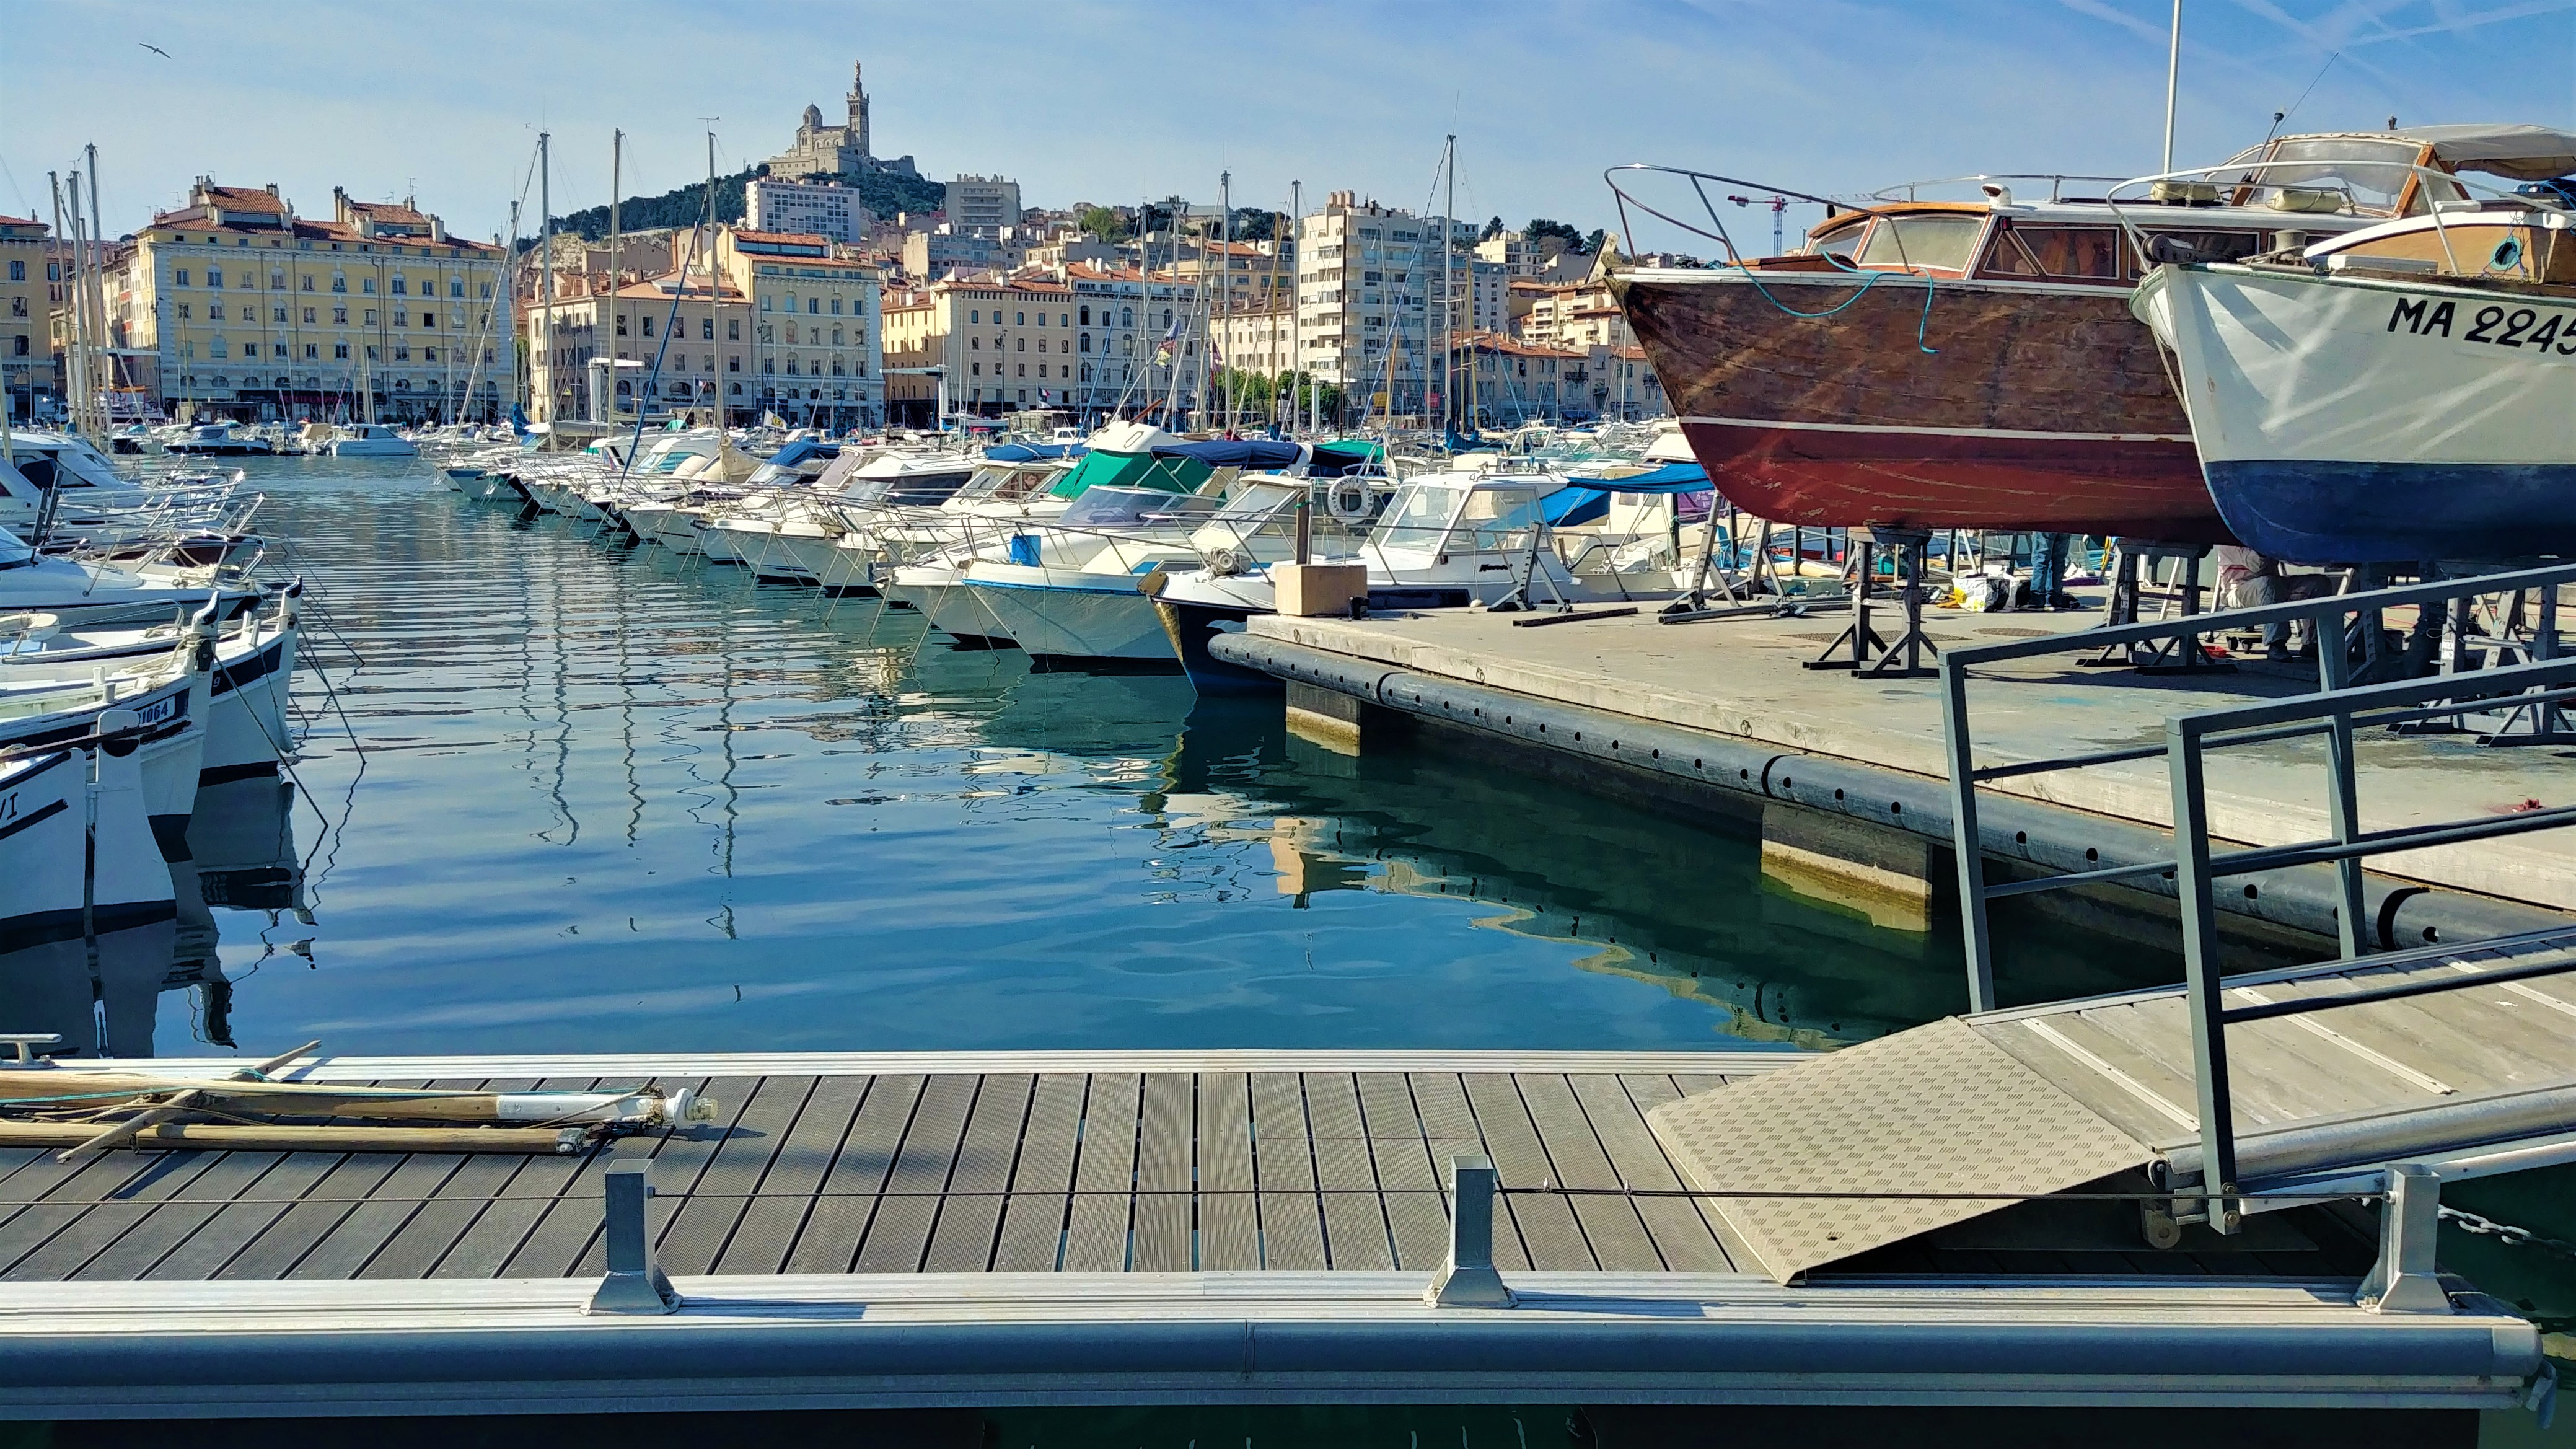 marseille visiter vieux-port que voir escapade sans voiture blog voyage arpenter le chemin